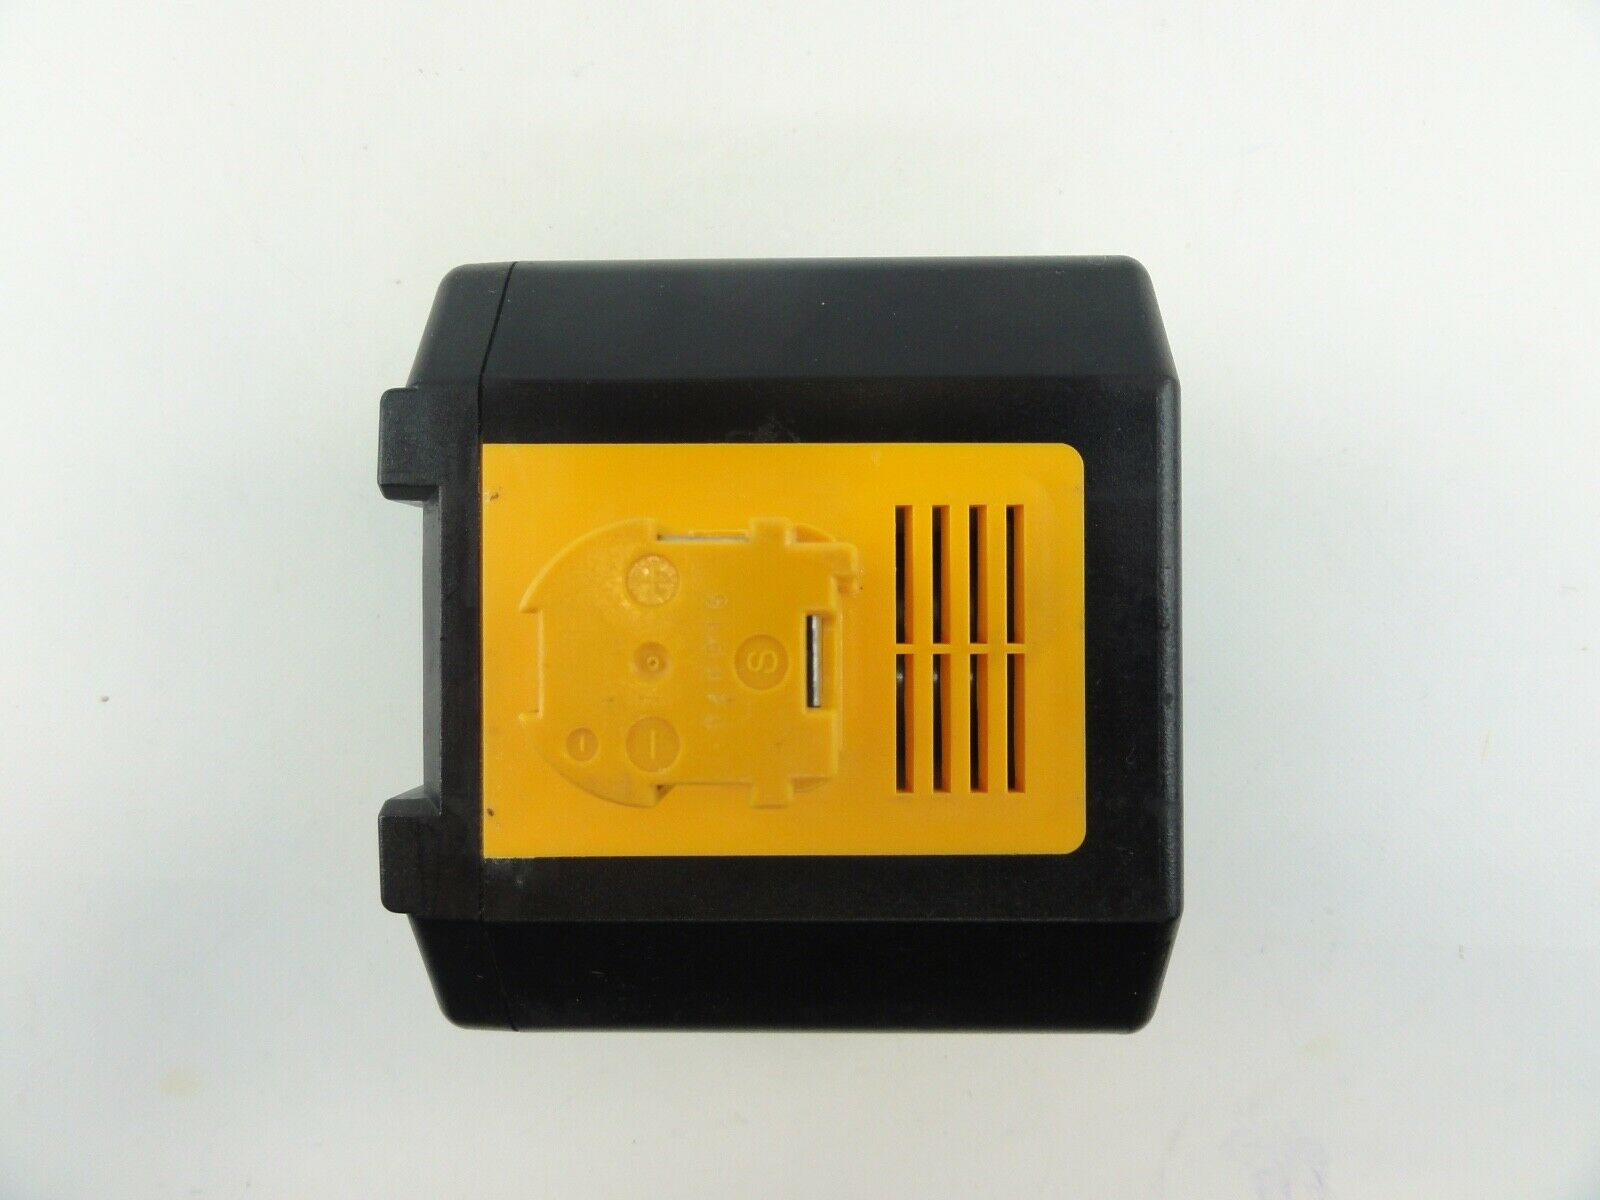 2x Akku 24V 3000mAh Ni-MH für Panasonic EY6812NQKW EY6812NQRW EY6812VQKW EZ6813